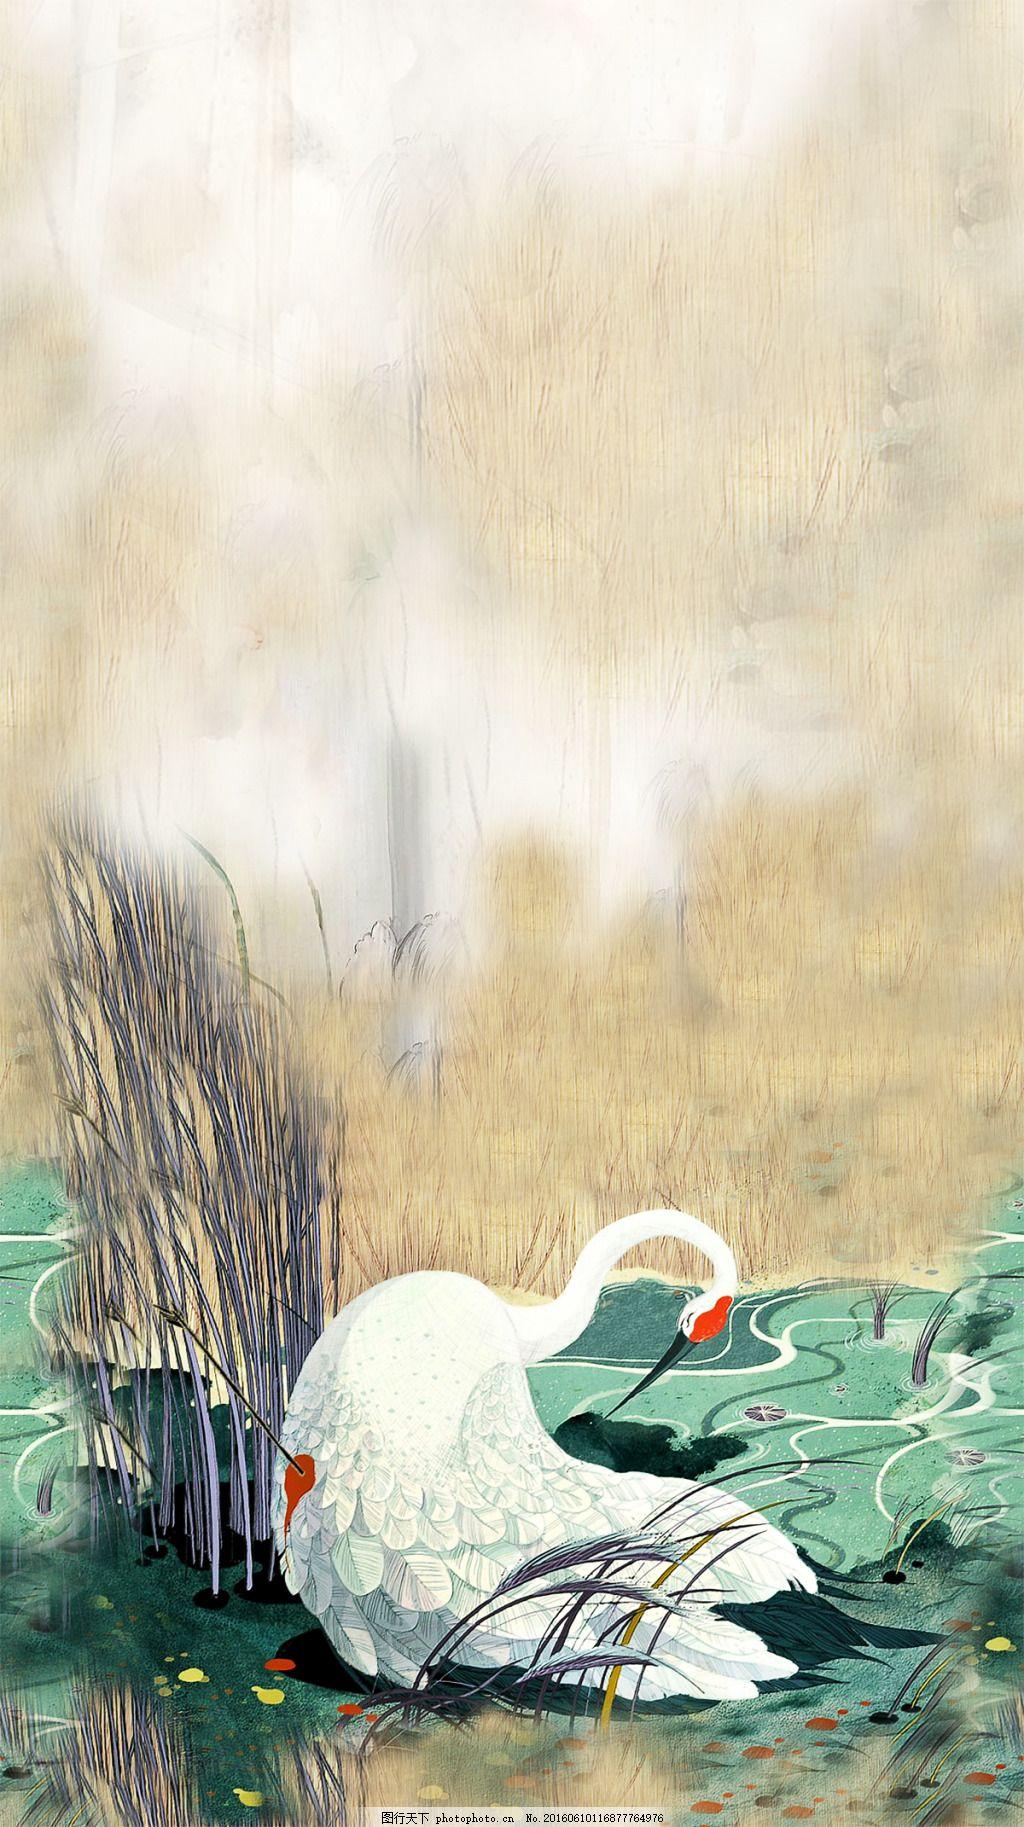 受伤的仙鹤 天鹅 仙鹤 芦苇 动物 荷塘 tif 白色 tif